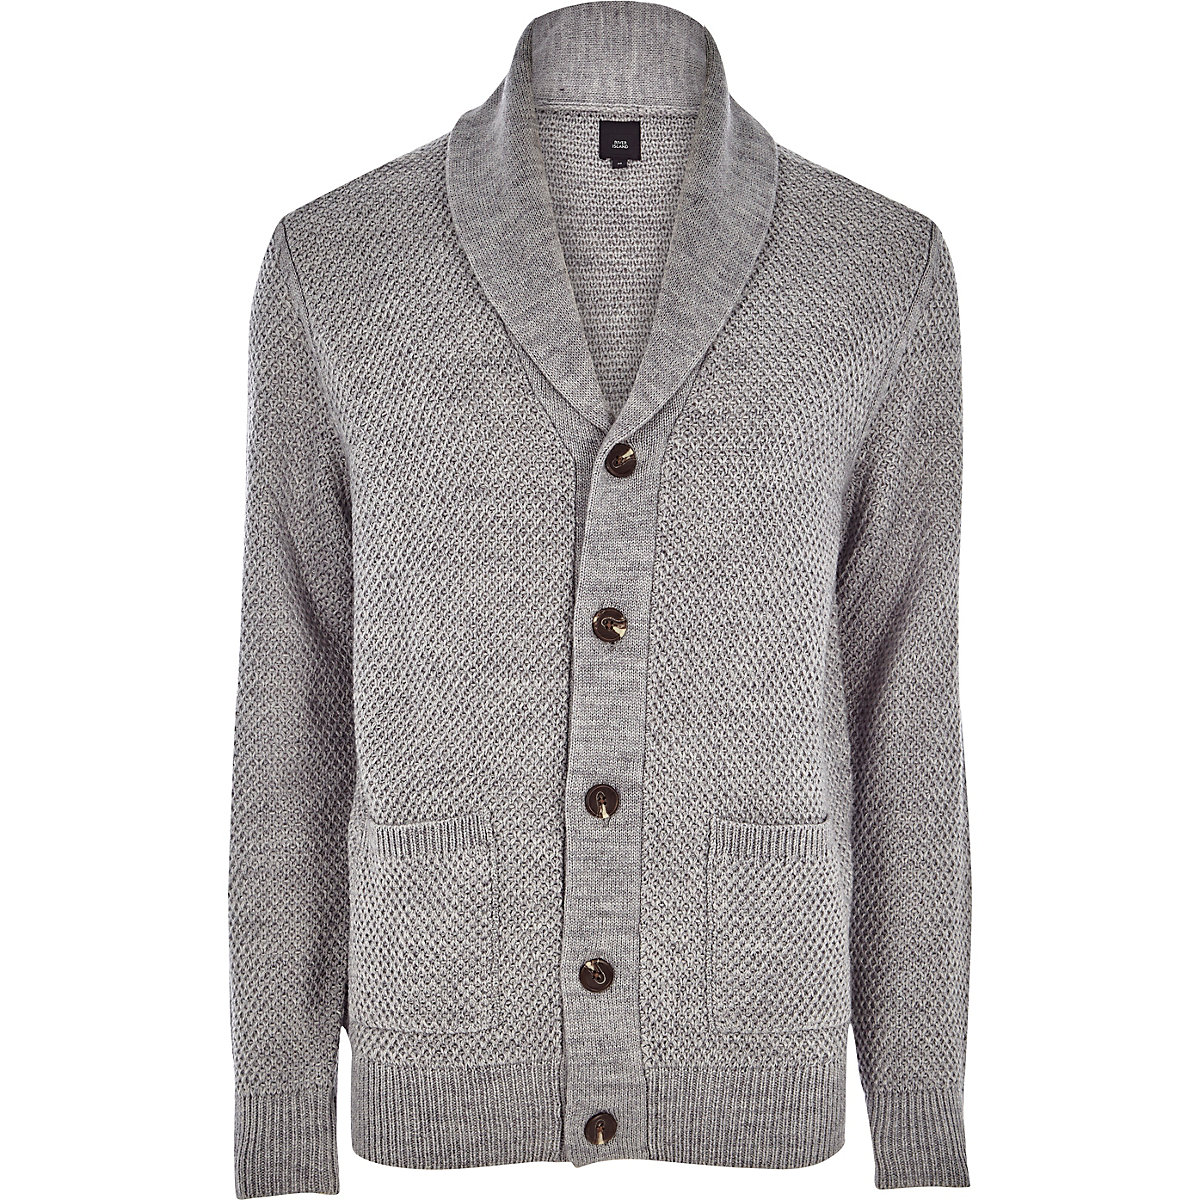 Grey shawl neck button-down knit cardigan